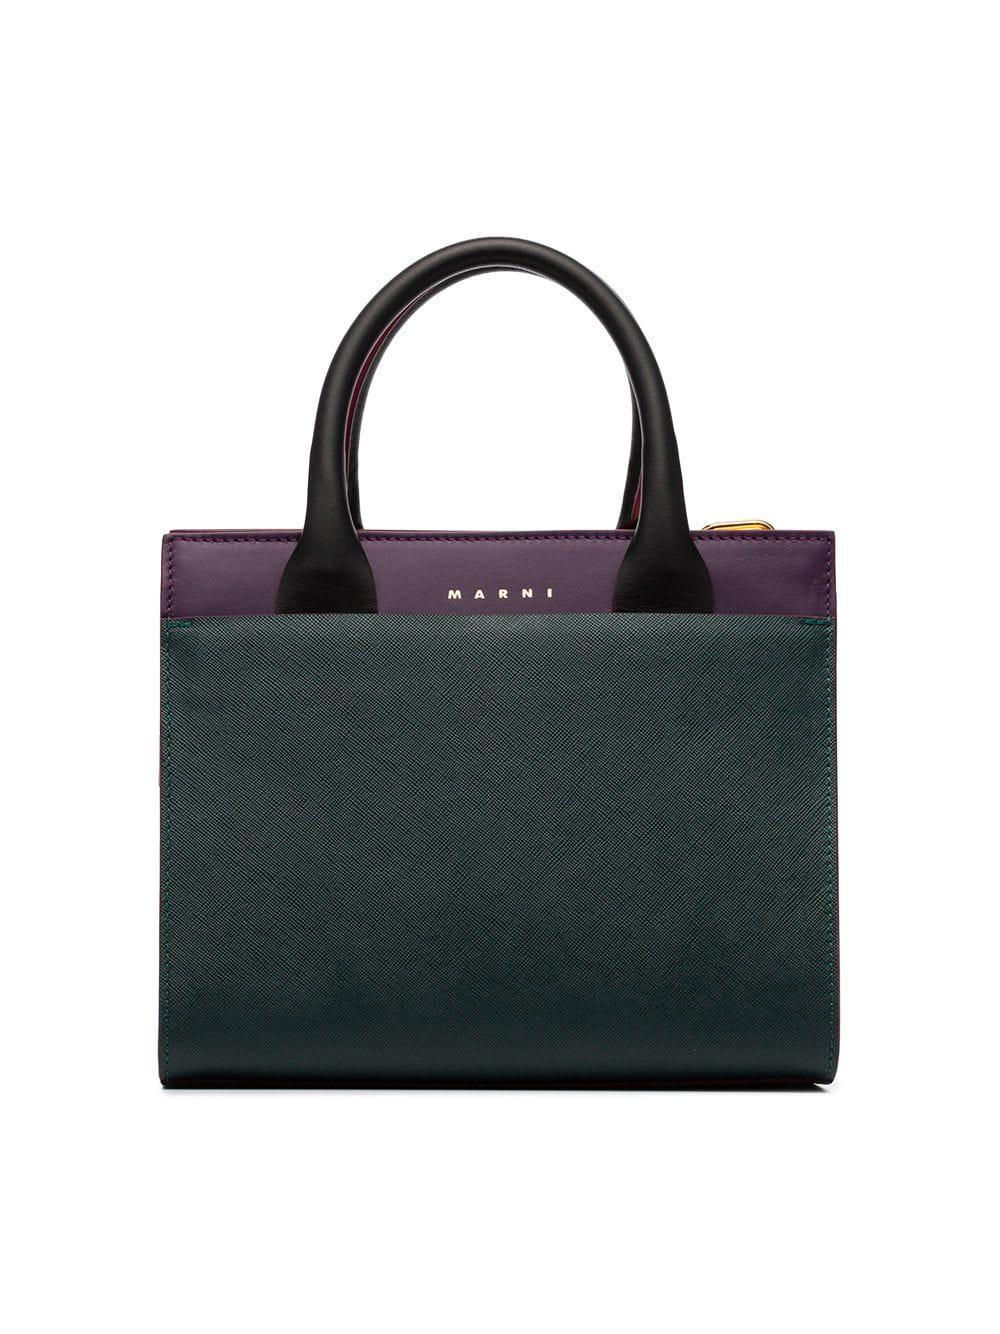 e6295717e893 Lyst - Marni Law Top Handle Leather Tote Bag in Purple